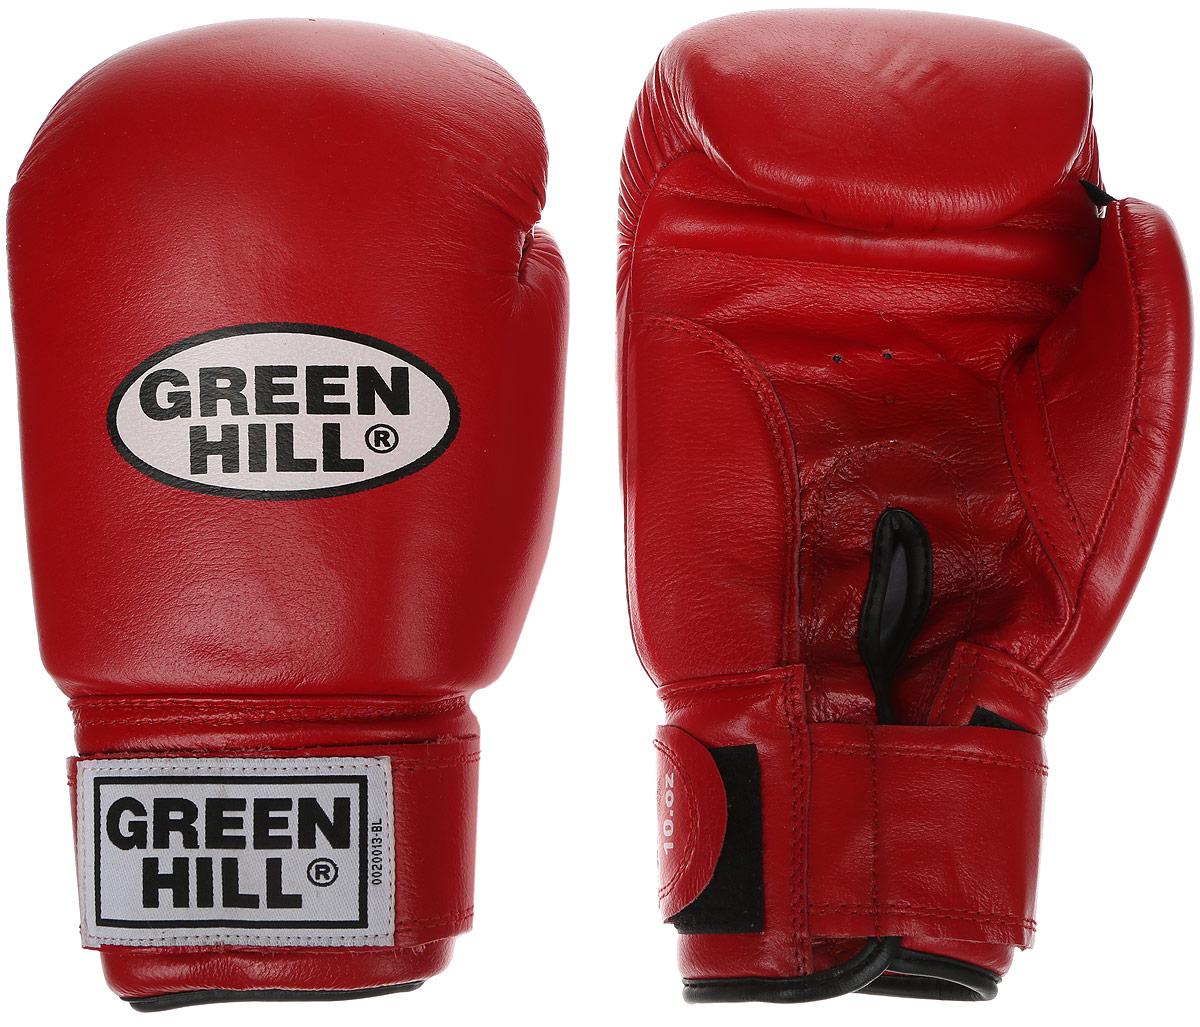 Перчатки боксерские Green Hill Super Star, цвет: красный, белый. Вес 14 унций. BGS-1213сBGS-1213сБоксерские перчатки Green Hill Super Star предназначены для использования профессионалами. Подойдут для спаррингов и соревнований. Верх выполнен из натуральной кожи, наполнитель - из вспененного полимера. Отверстие в области ладони позволяет создать максимально комфортный терморежим во время занятий. Манжет на липучке способствует быстрому и удобному надеванию перчаток, плотно фиксирует перчатки на руке.